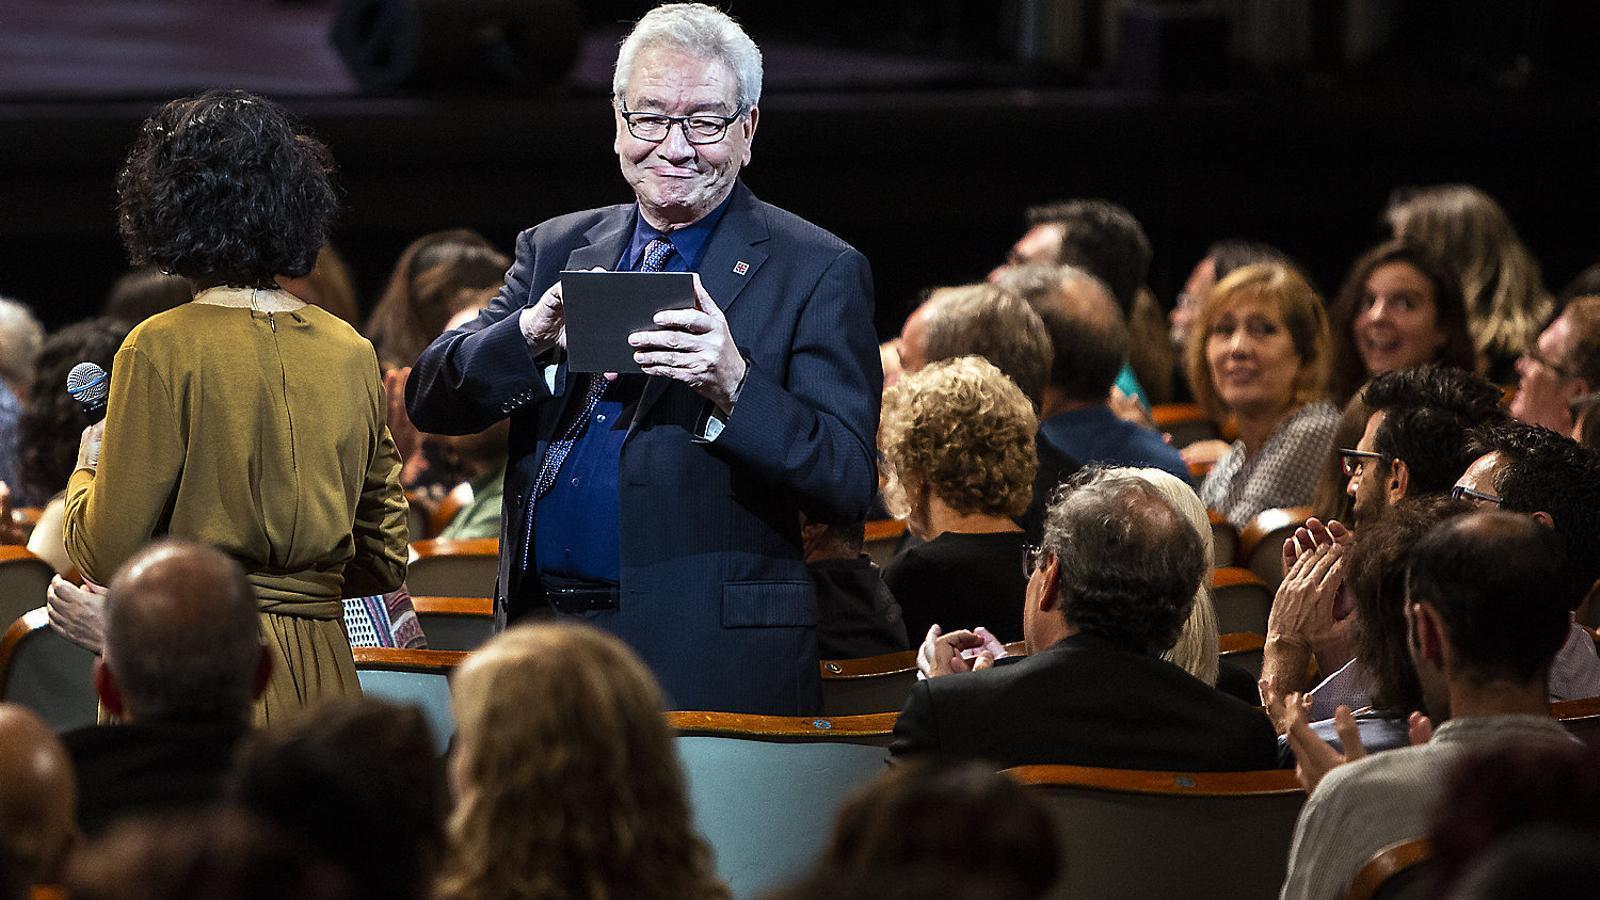 El president del Grup Focus, Daniel Martínez, premiat ahir durant la gala.